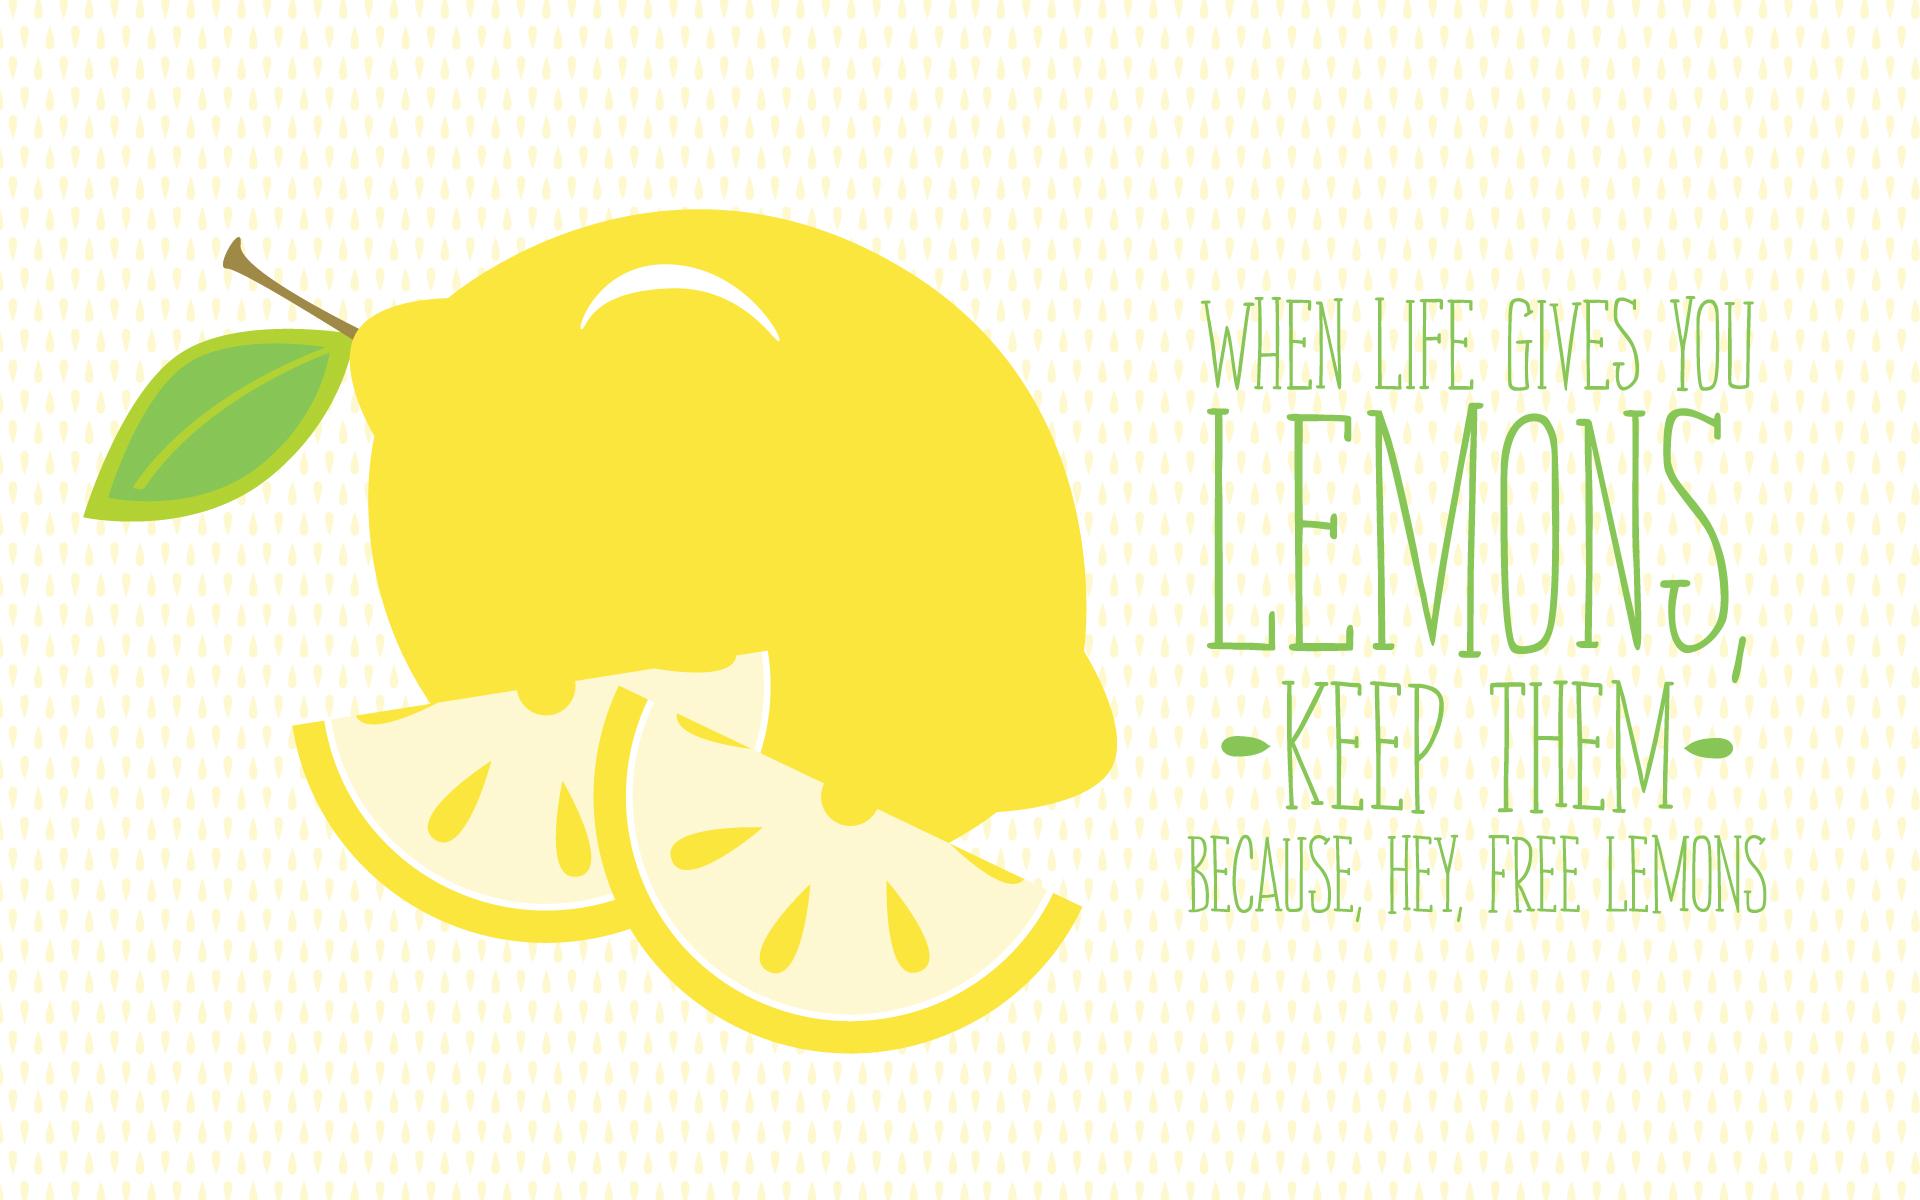 quote desktop backgrounds wallpaper